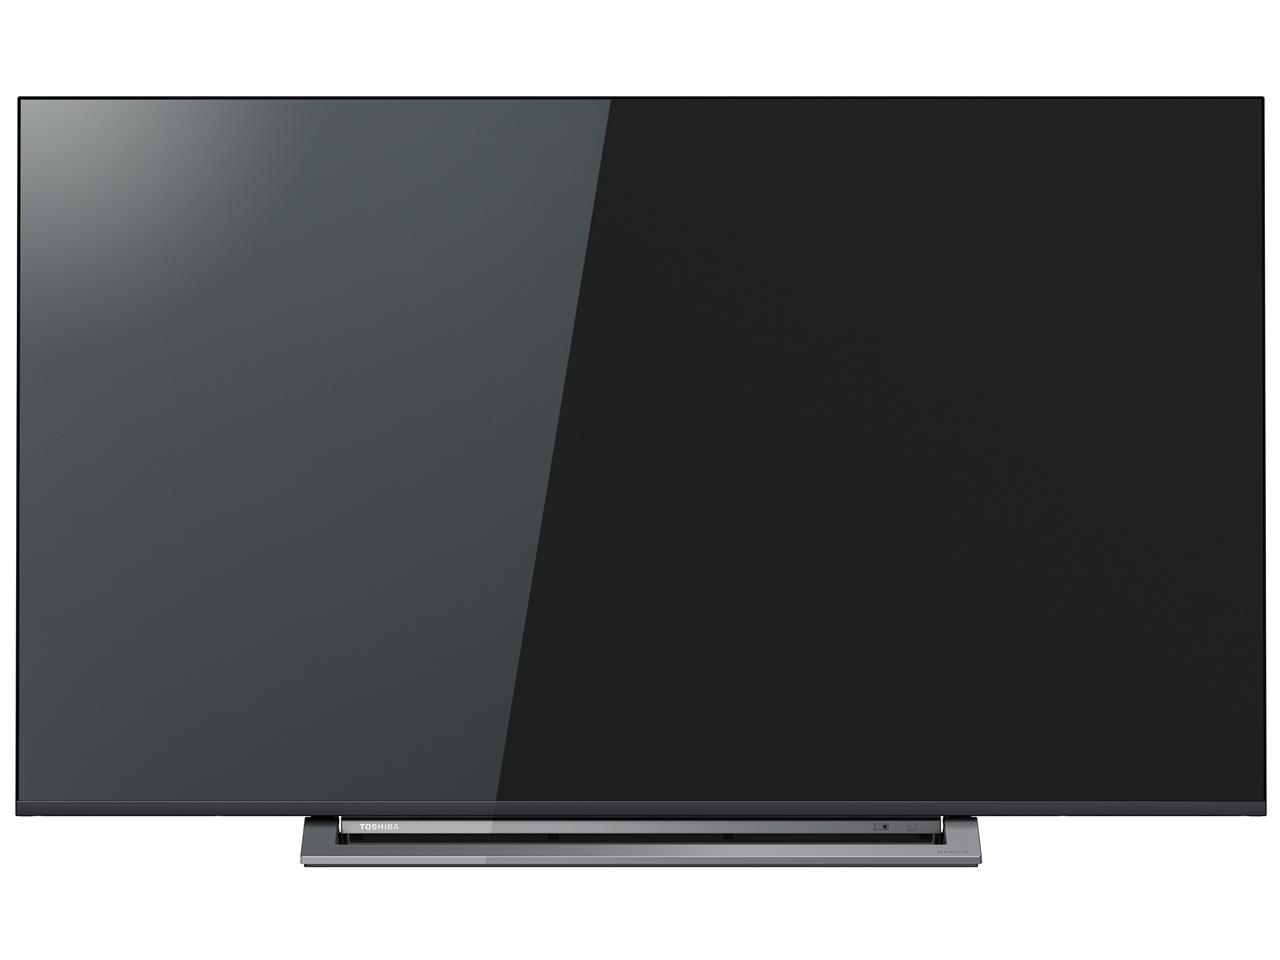 【新品/取寄品】50M530X レグザ 50V型 4Kチューナー内蔵 デジタルハイビジョン液晶テレビ